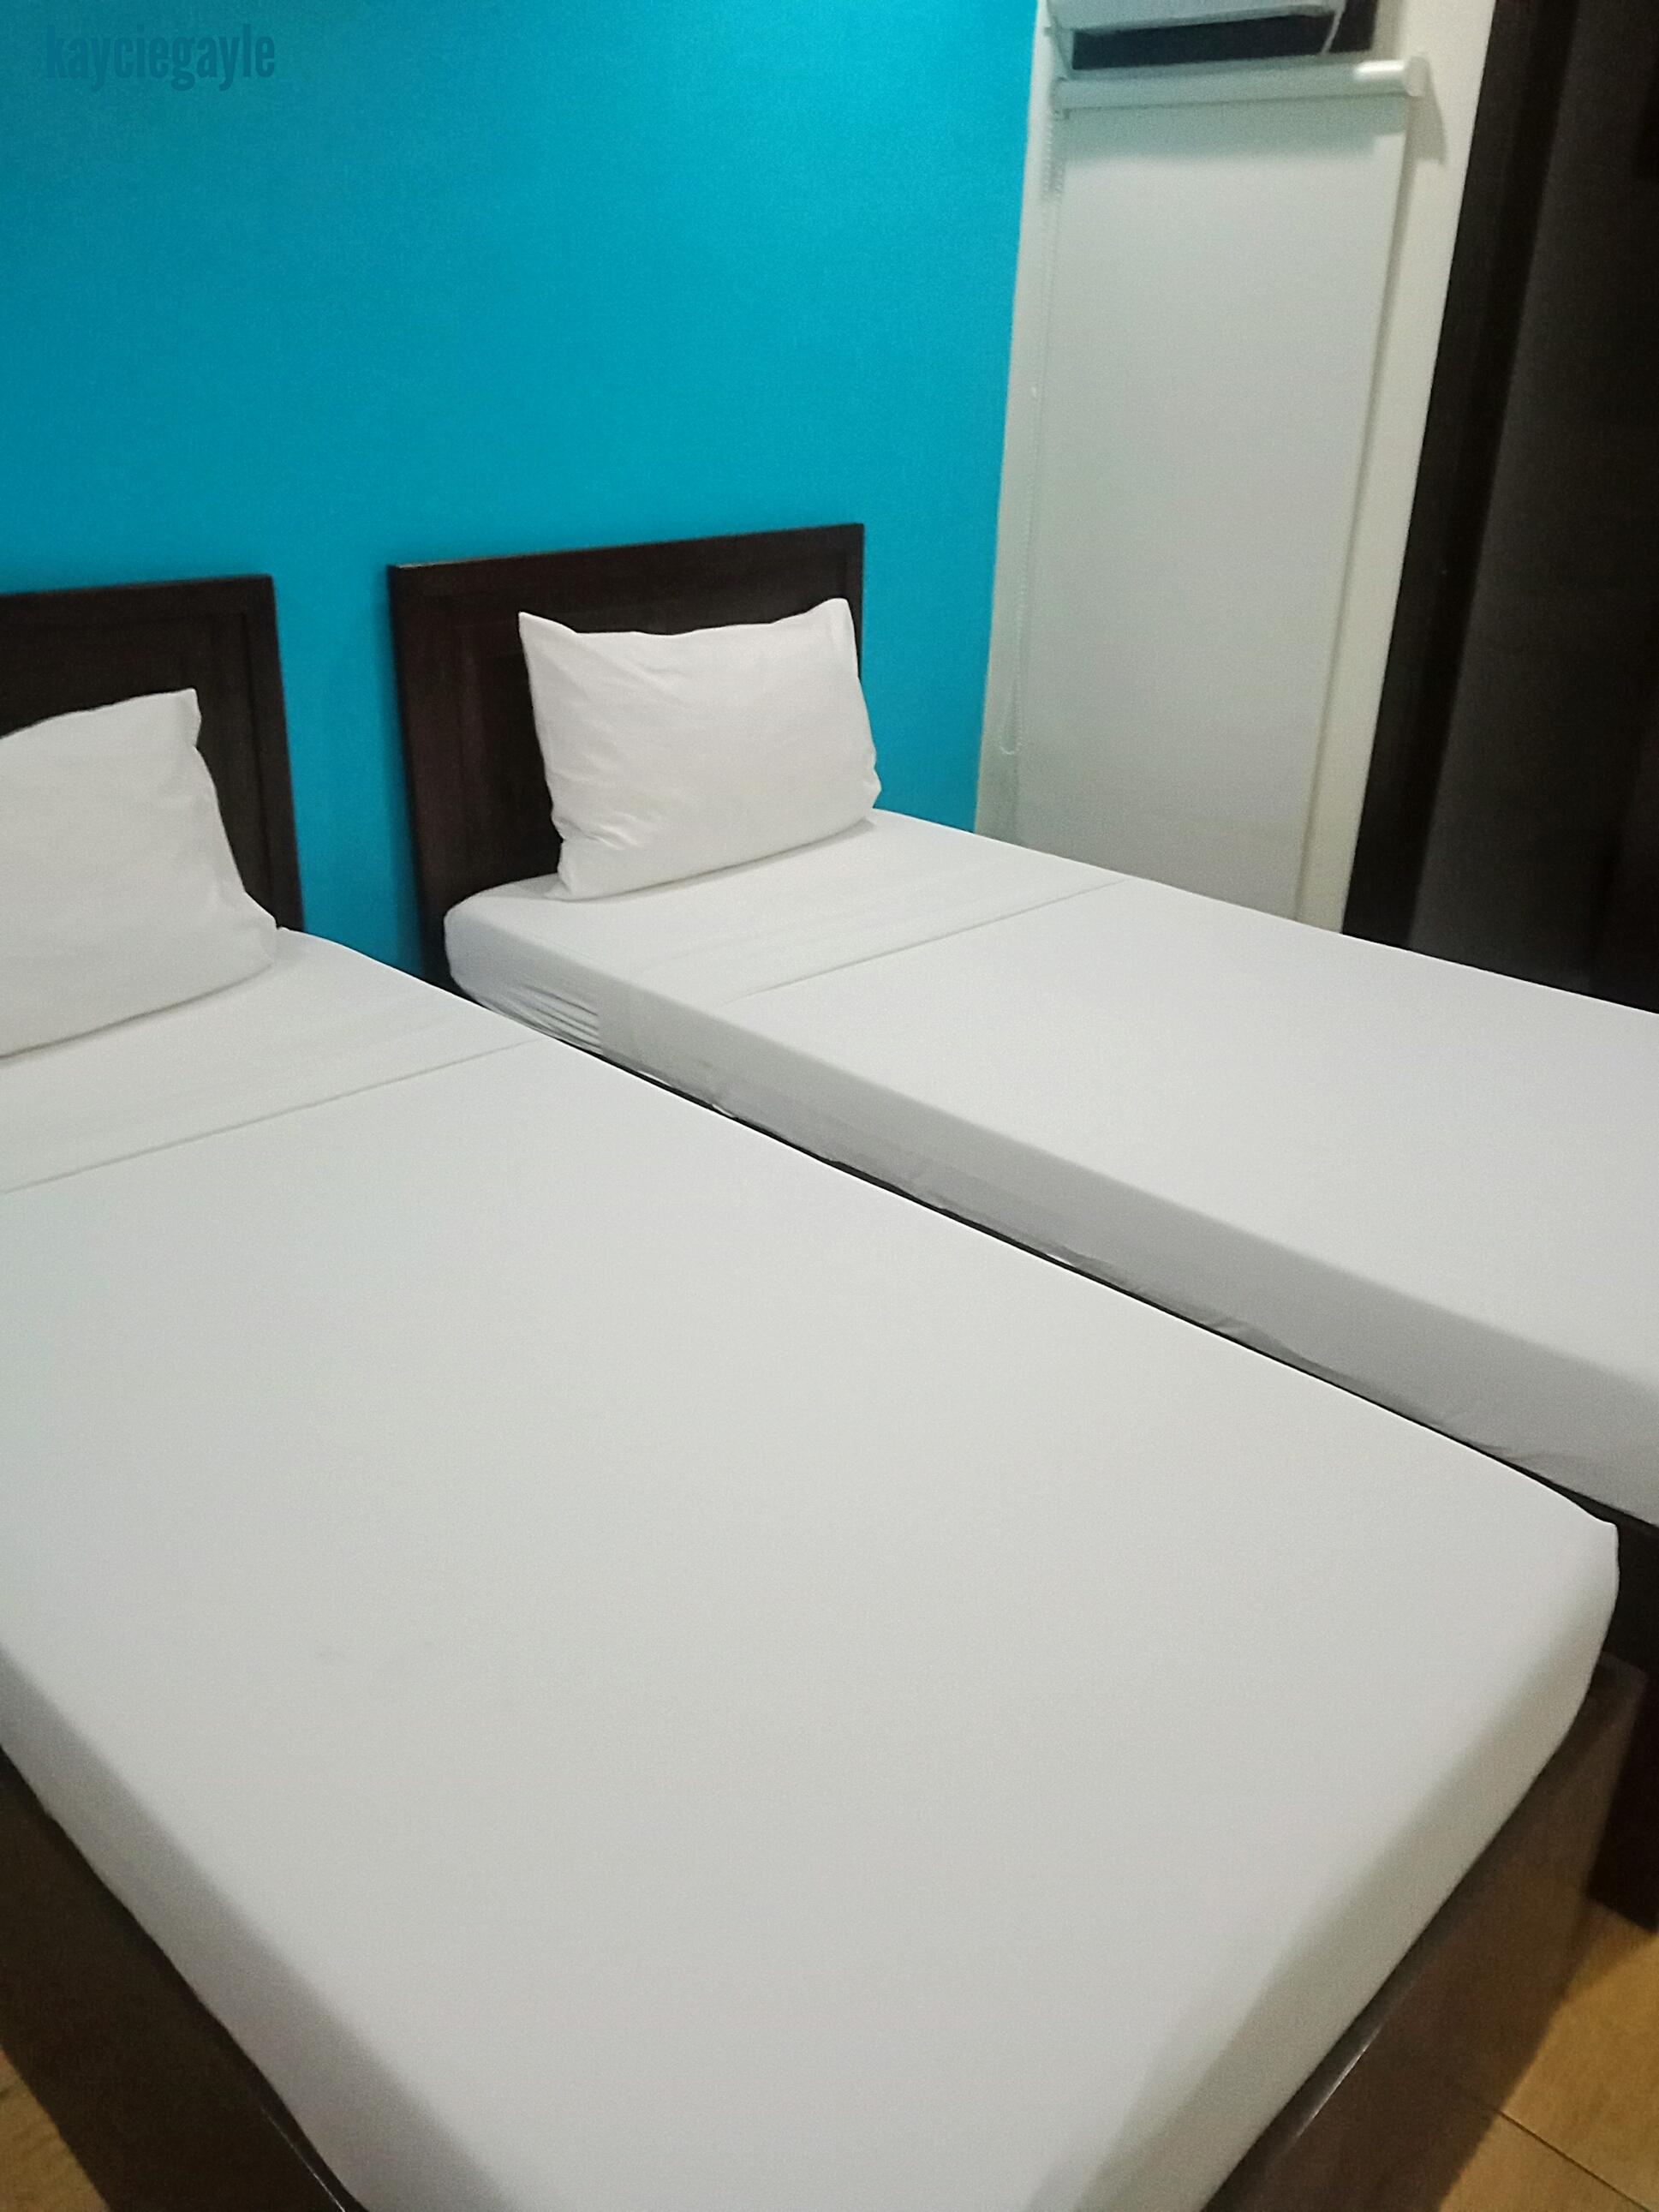 Rana Hotel Cebu City Philippines Bedroom